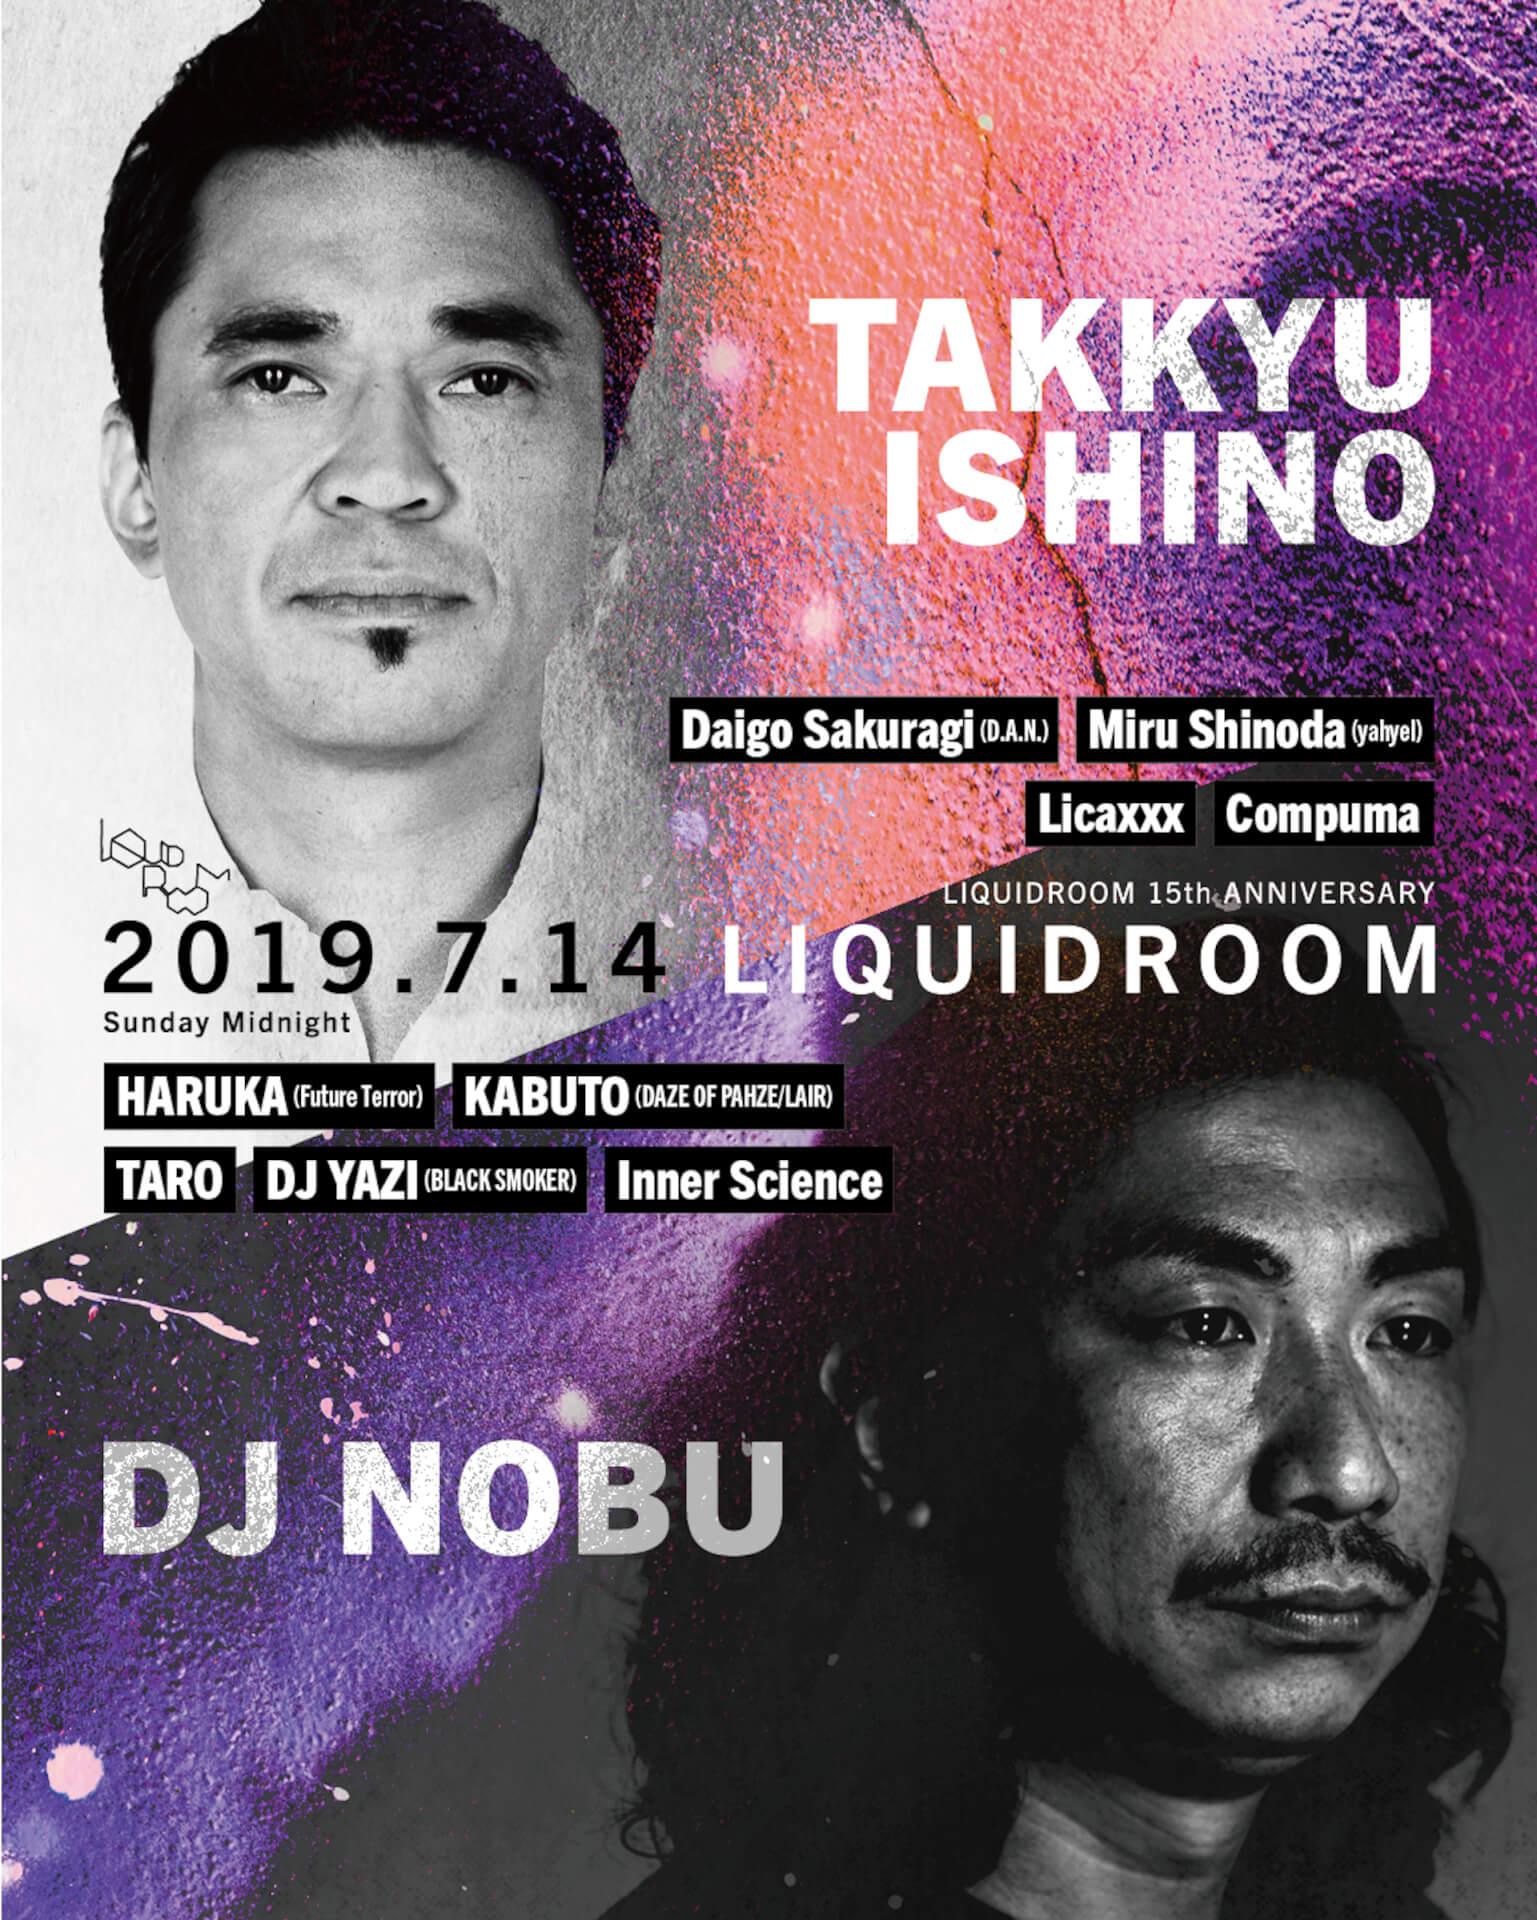 石野卓球×DJ NOBUのオールナイトイベントに、FUTURE  TERRORよりHaruka、BLACK SMOKERよりDJ YAZI、KABUTO、TARO、Inner Scienceなどが出演決定 music190629-liquidroom15th-1